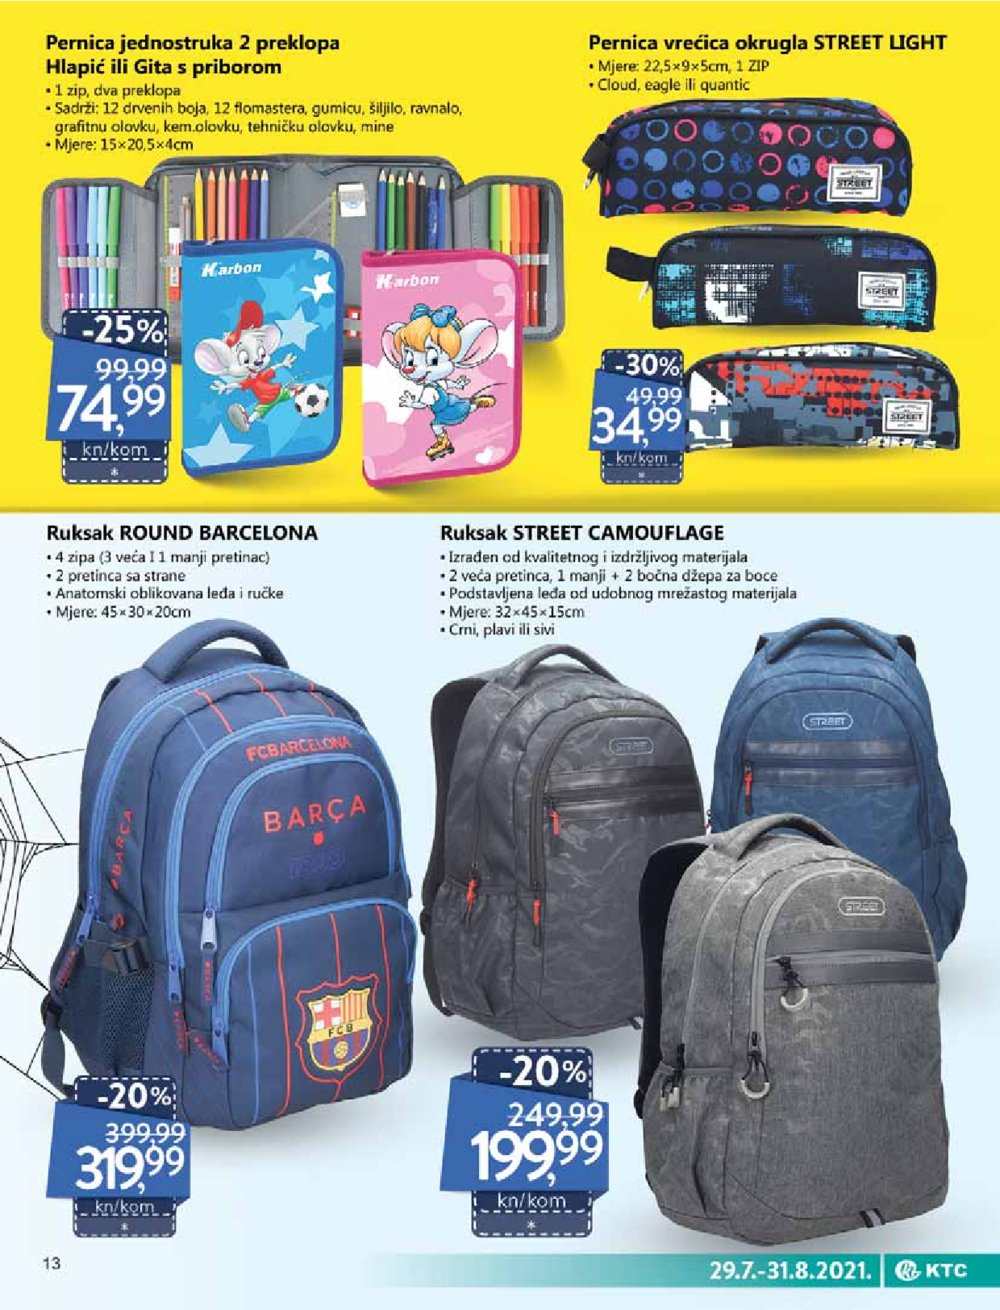 KTC katalog Akcija Oprema za školu 29.07.-31.08.2021.